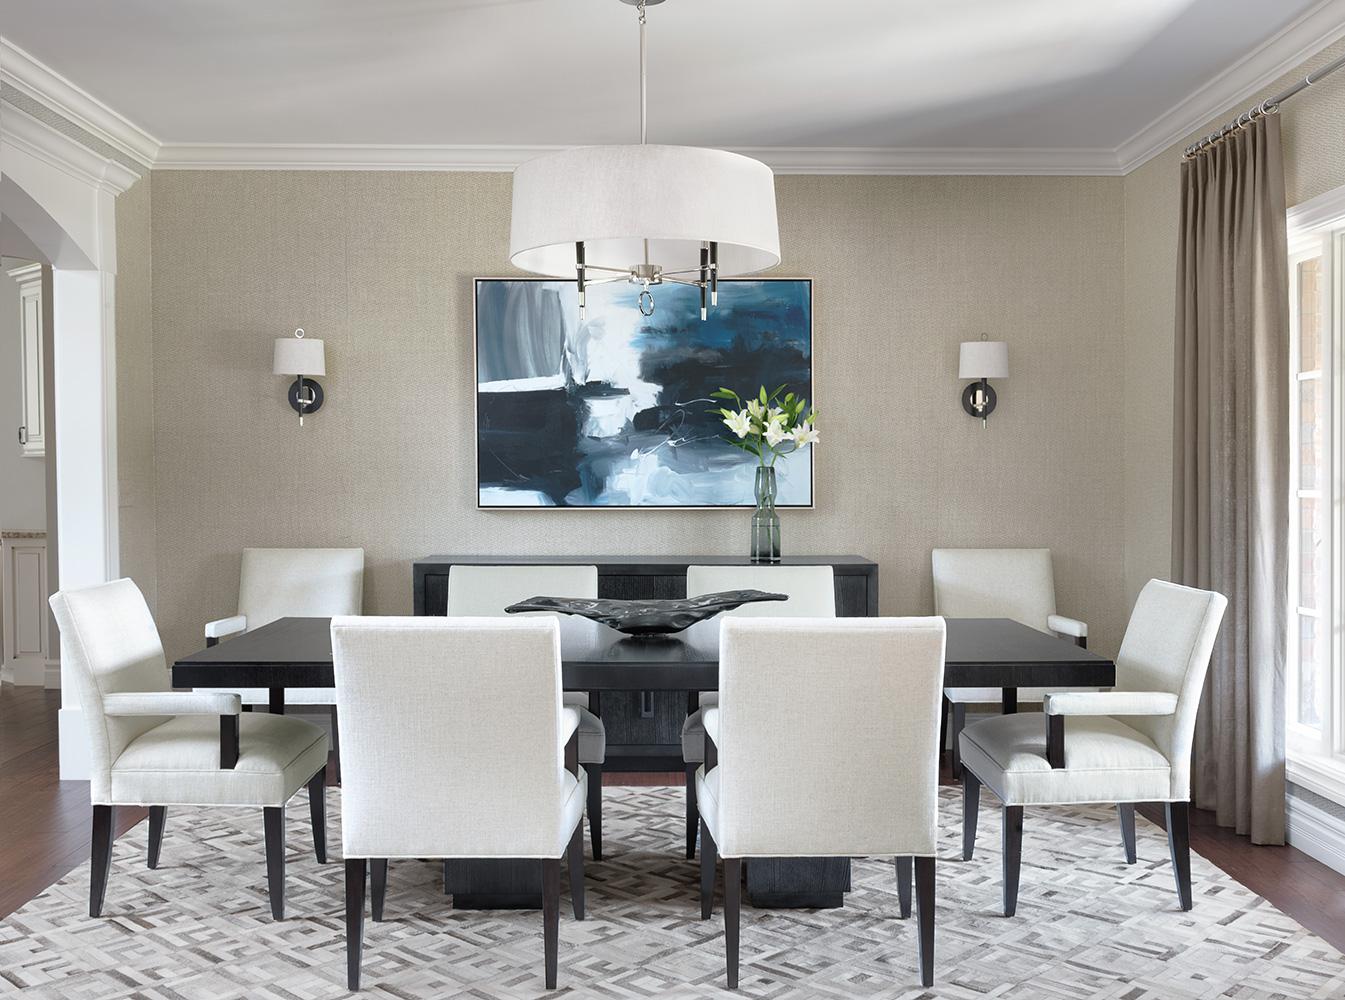 Dining-room-revised.jpg